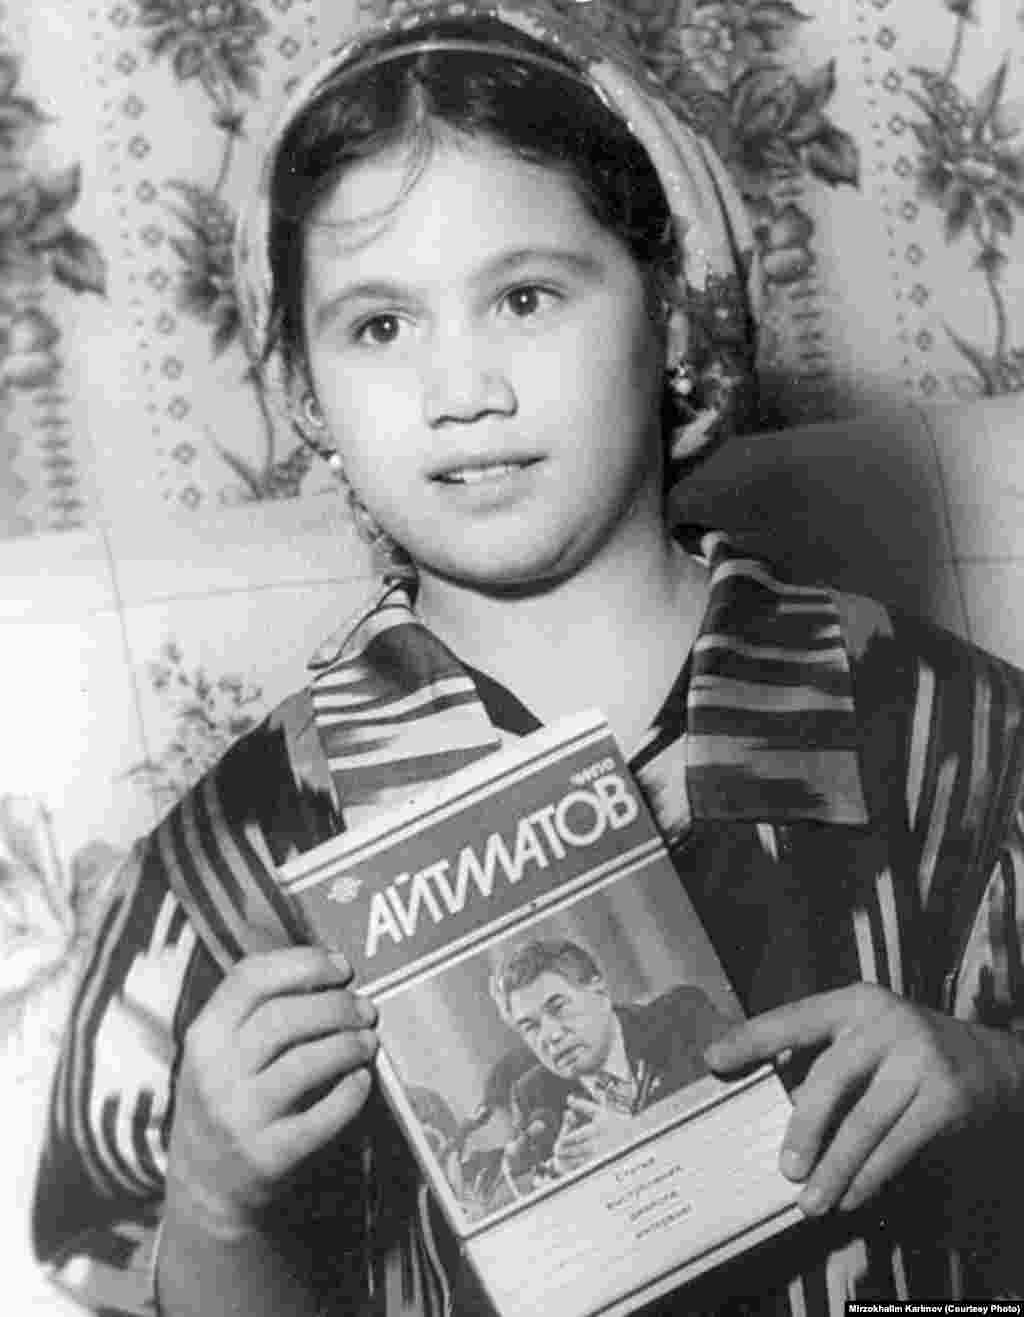 Тажик элинин таланттуу жазуучусу, раматылык Фазлиддин Мухаммадиевдин кызы Жамийла. Сүрөттү кыргыз-тажик жазуучусу Мирзохалим Каримов салып жиберген.